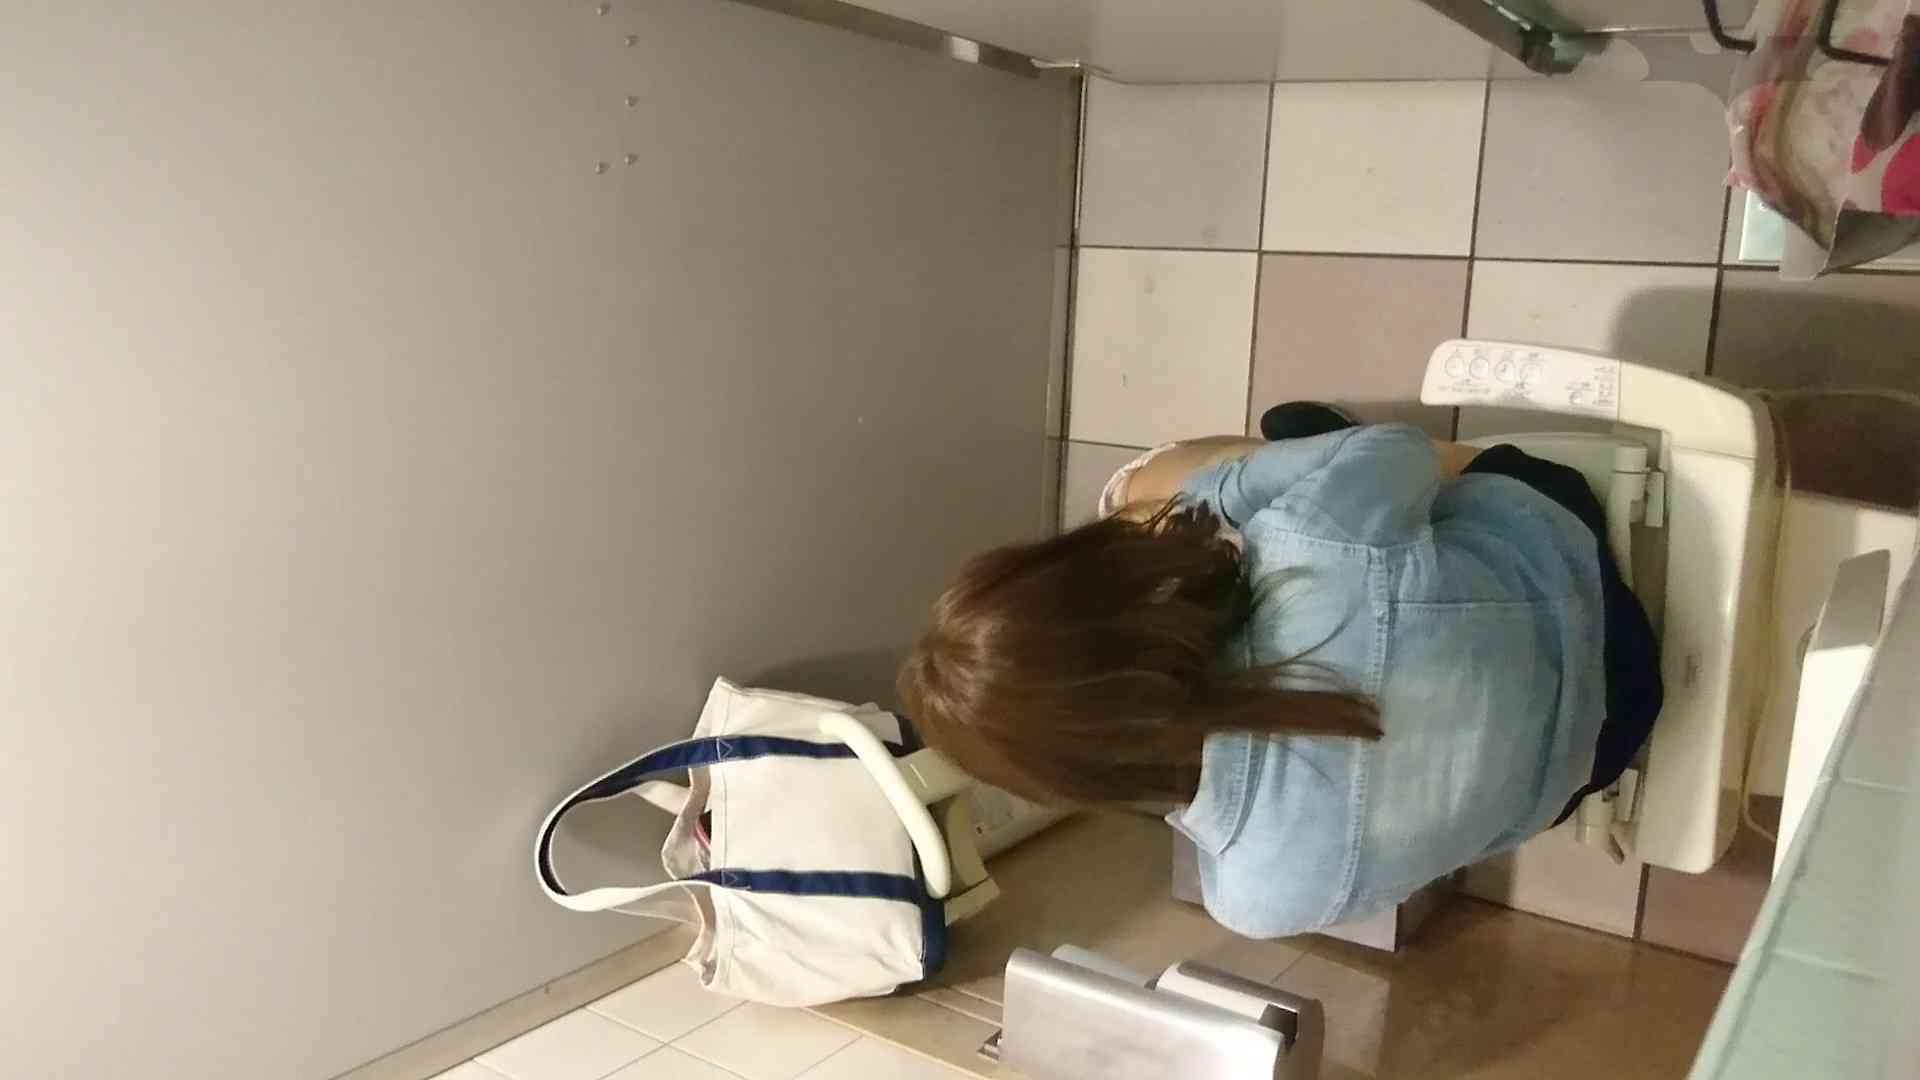 化粧室絵巻 ショッピングモール編 VOL.16 0 | HなOL  94pic 65